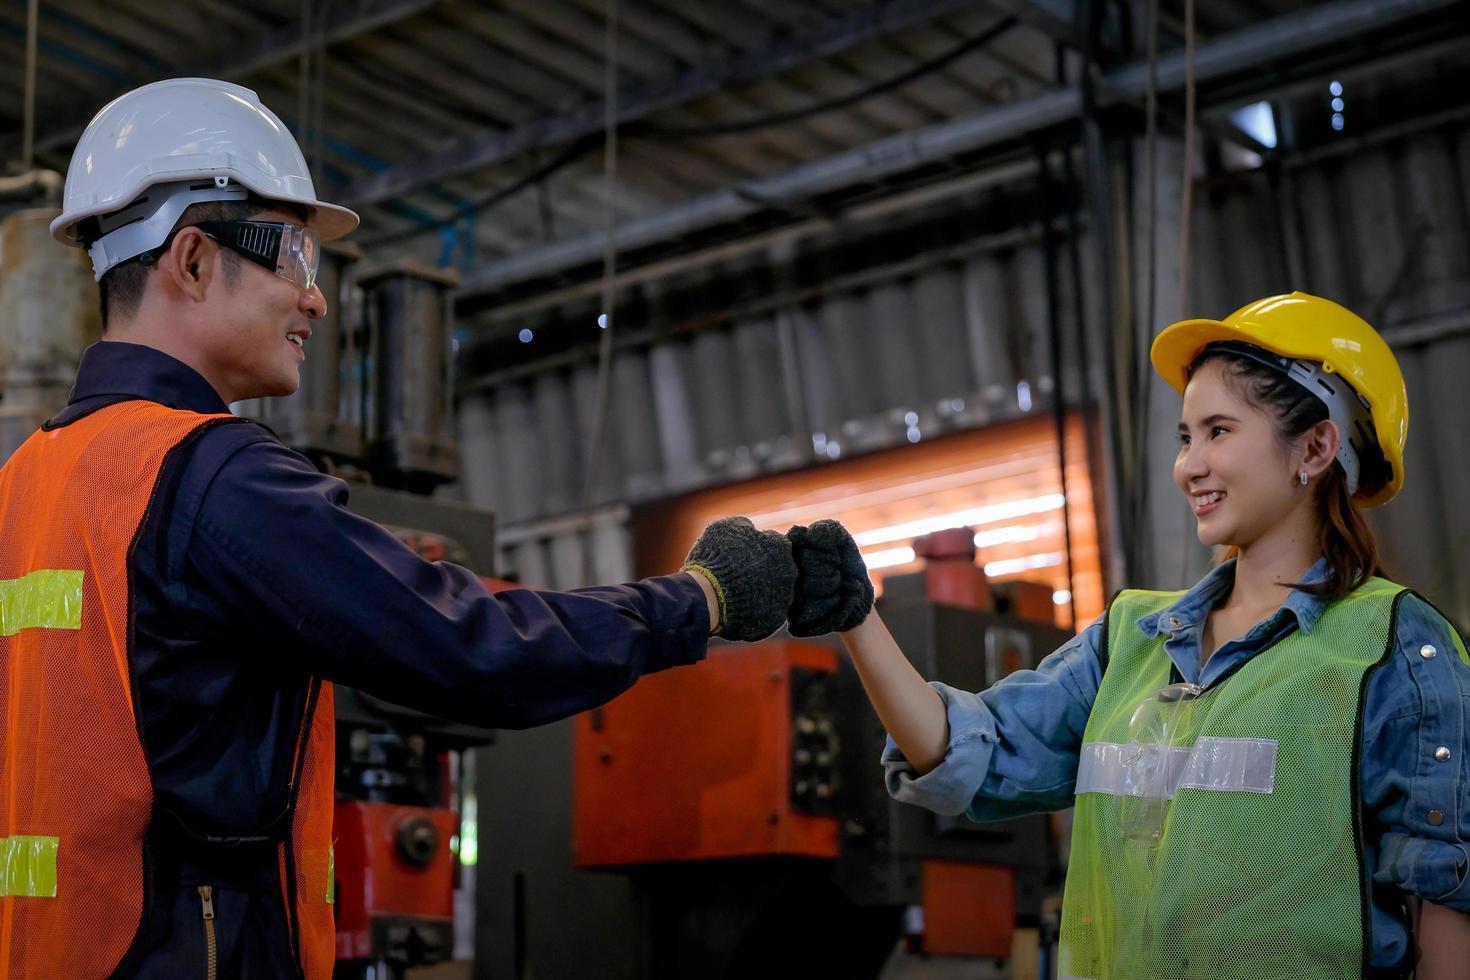 twee technici begroeten elkaar op de werkplek foto